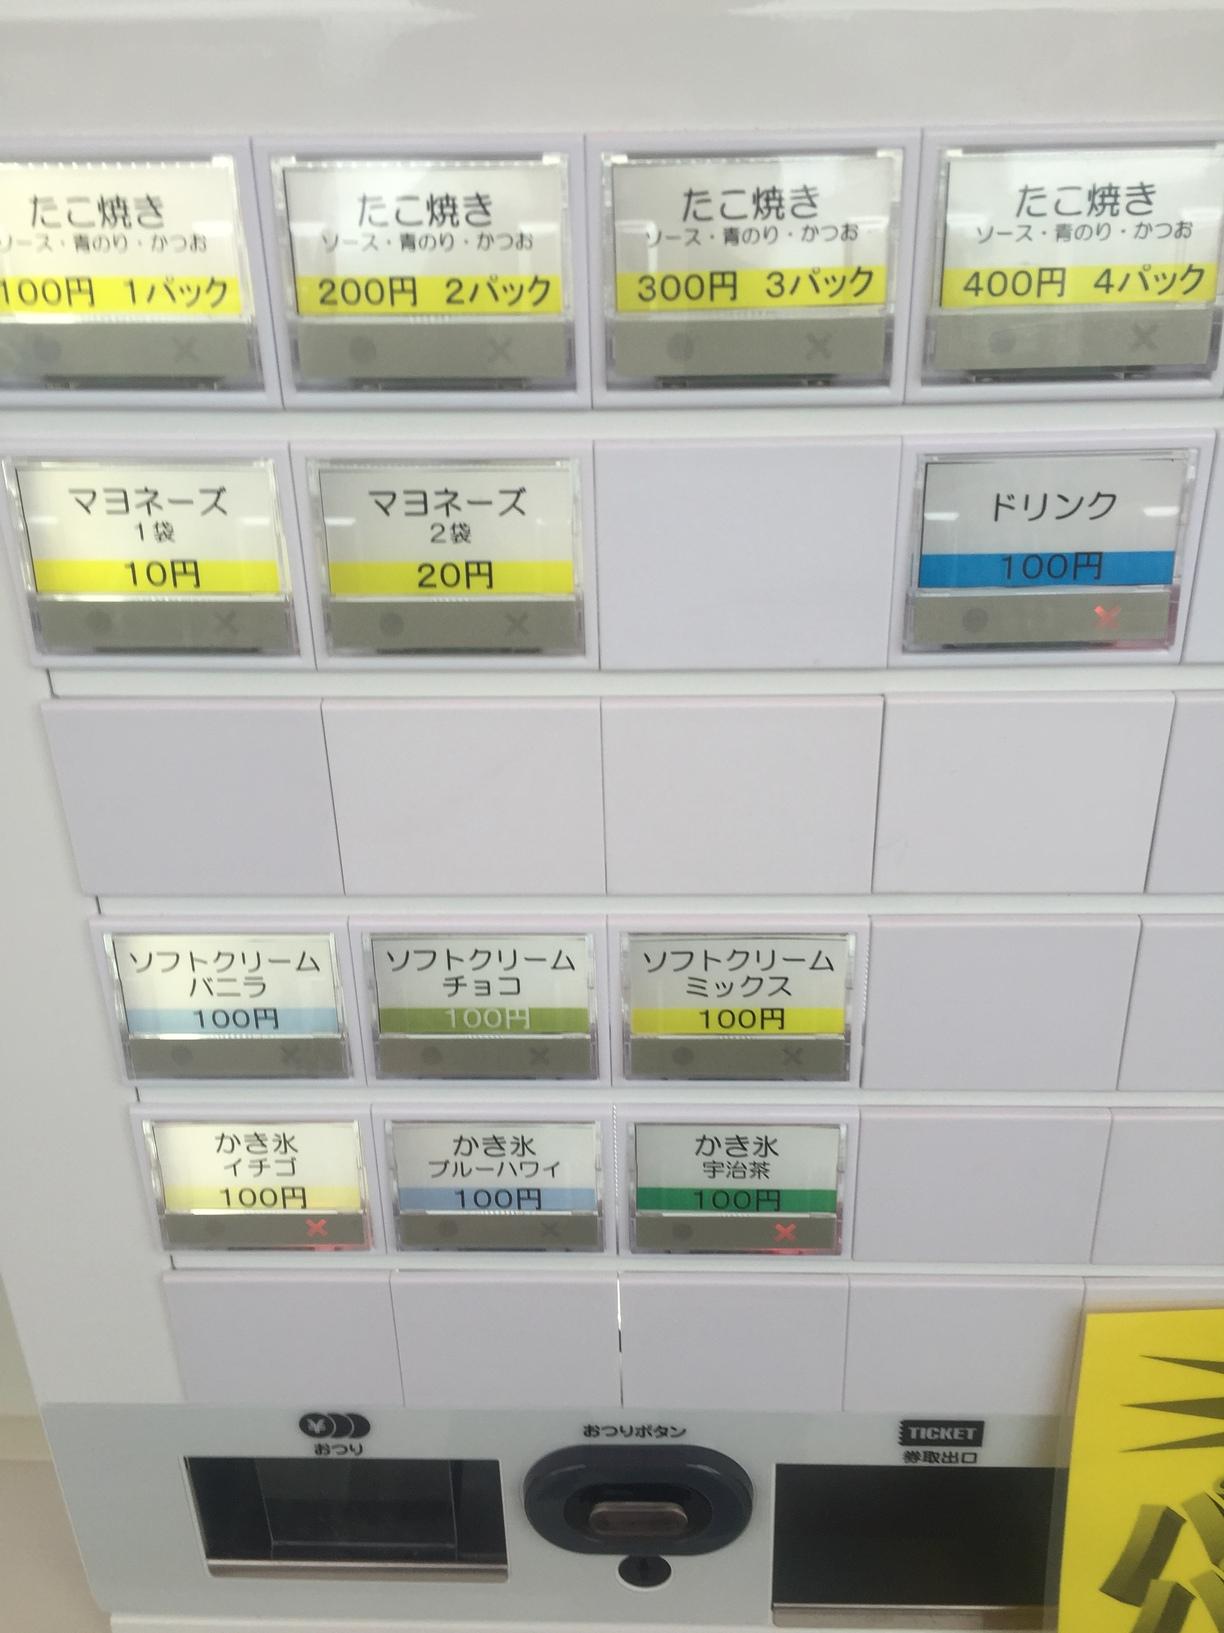 パクパク ラムー豊橋店